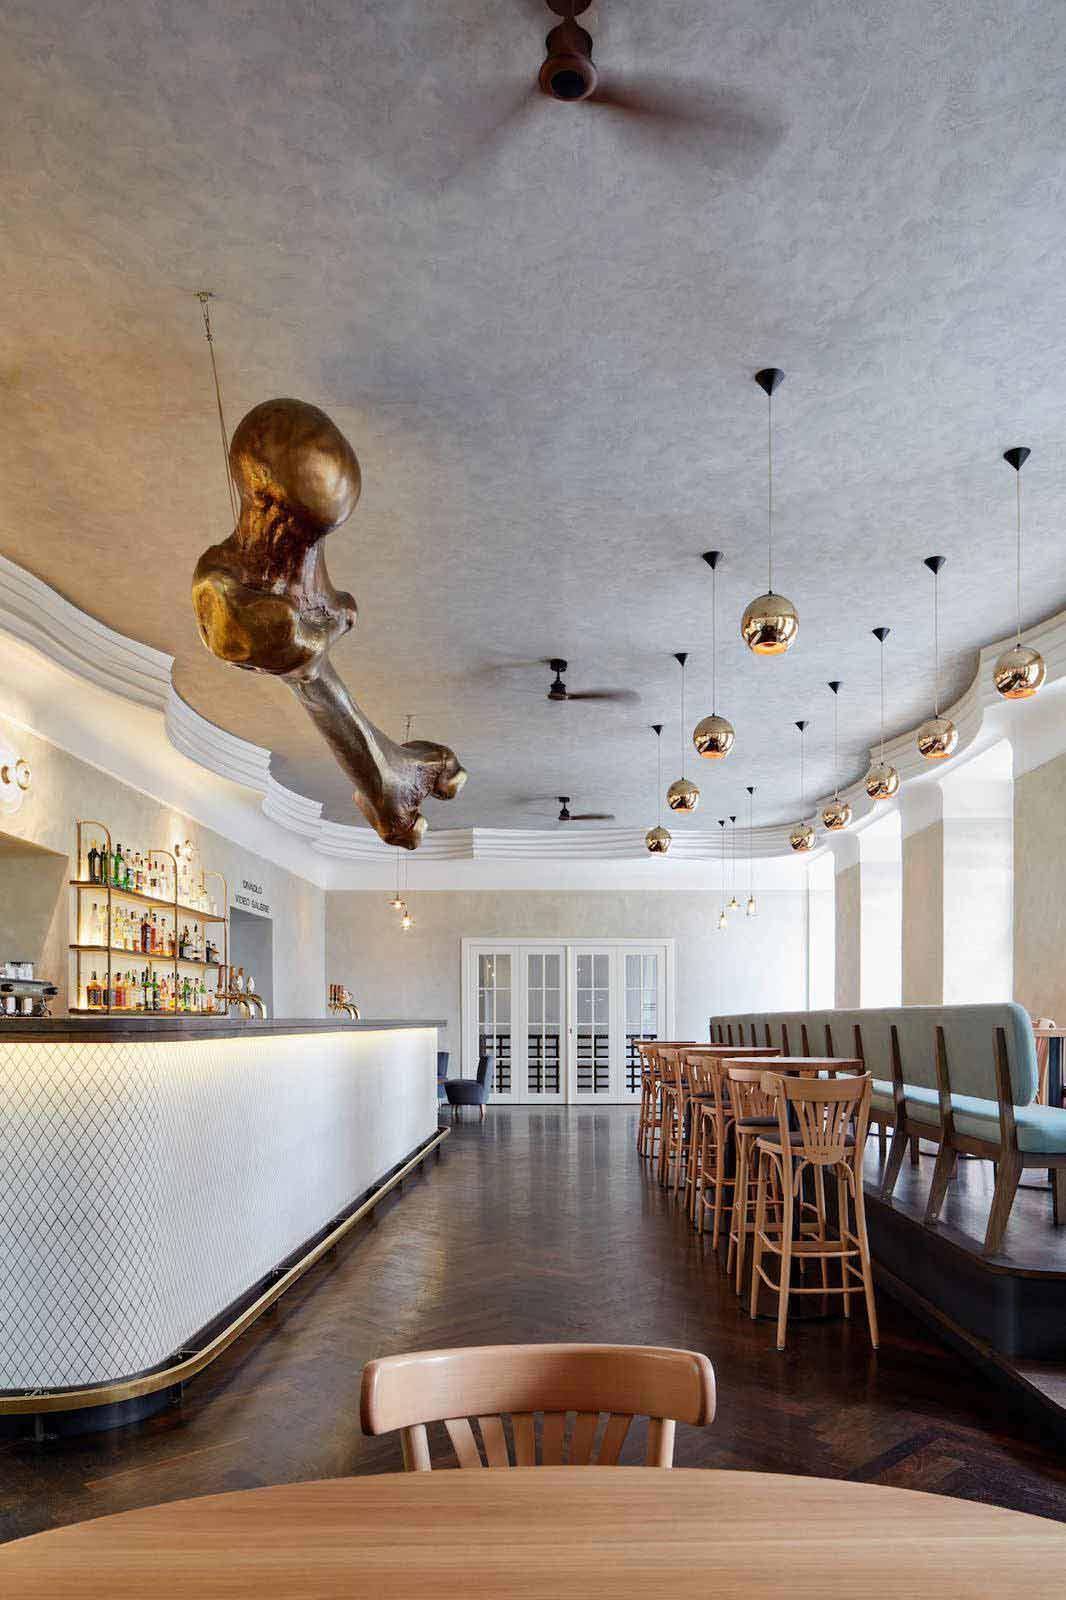 parketova_podlaha_club_NOD3 Obchod Podlahy 👍 - Dodávka a pokládka podlahových krytin na klíč - Galerie provedených projektů pokládky či renovací podlah